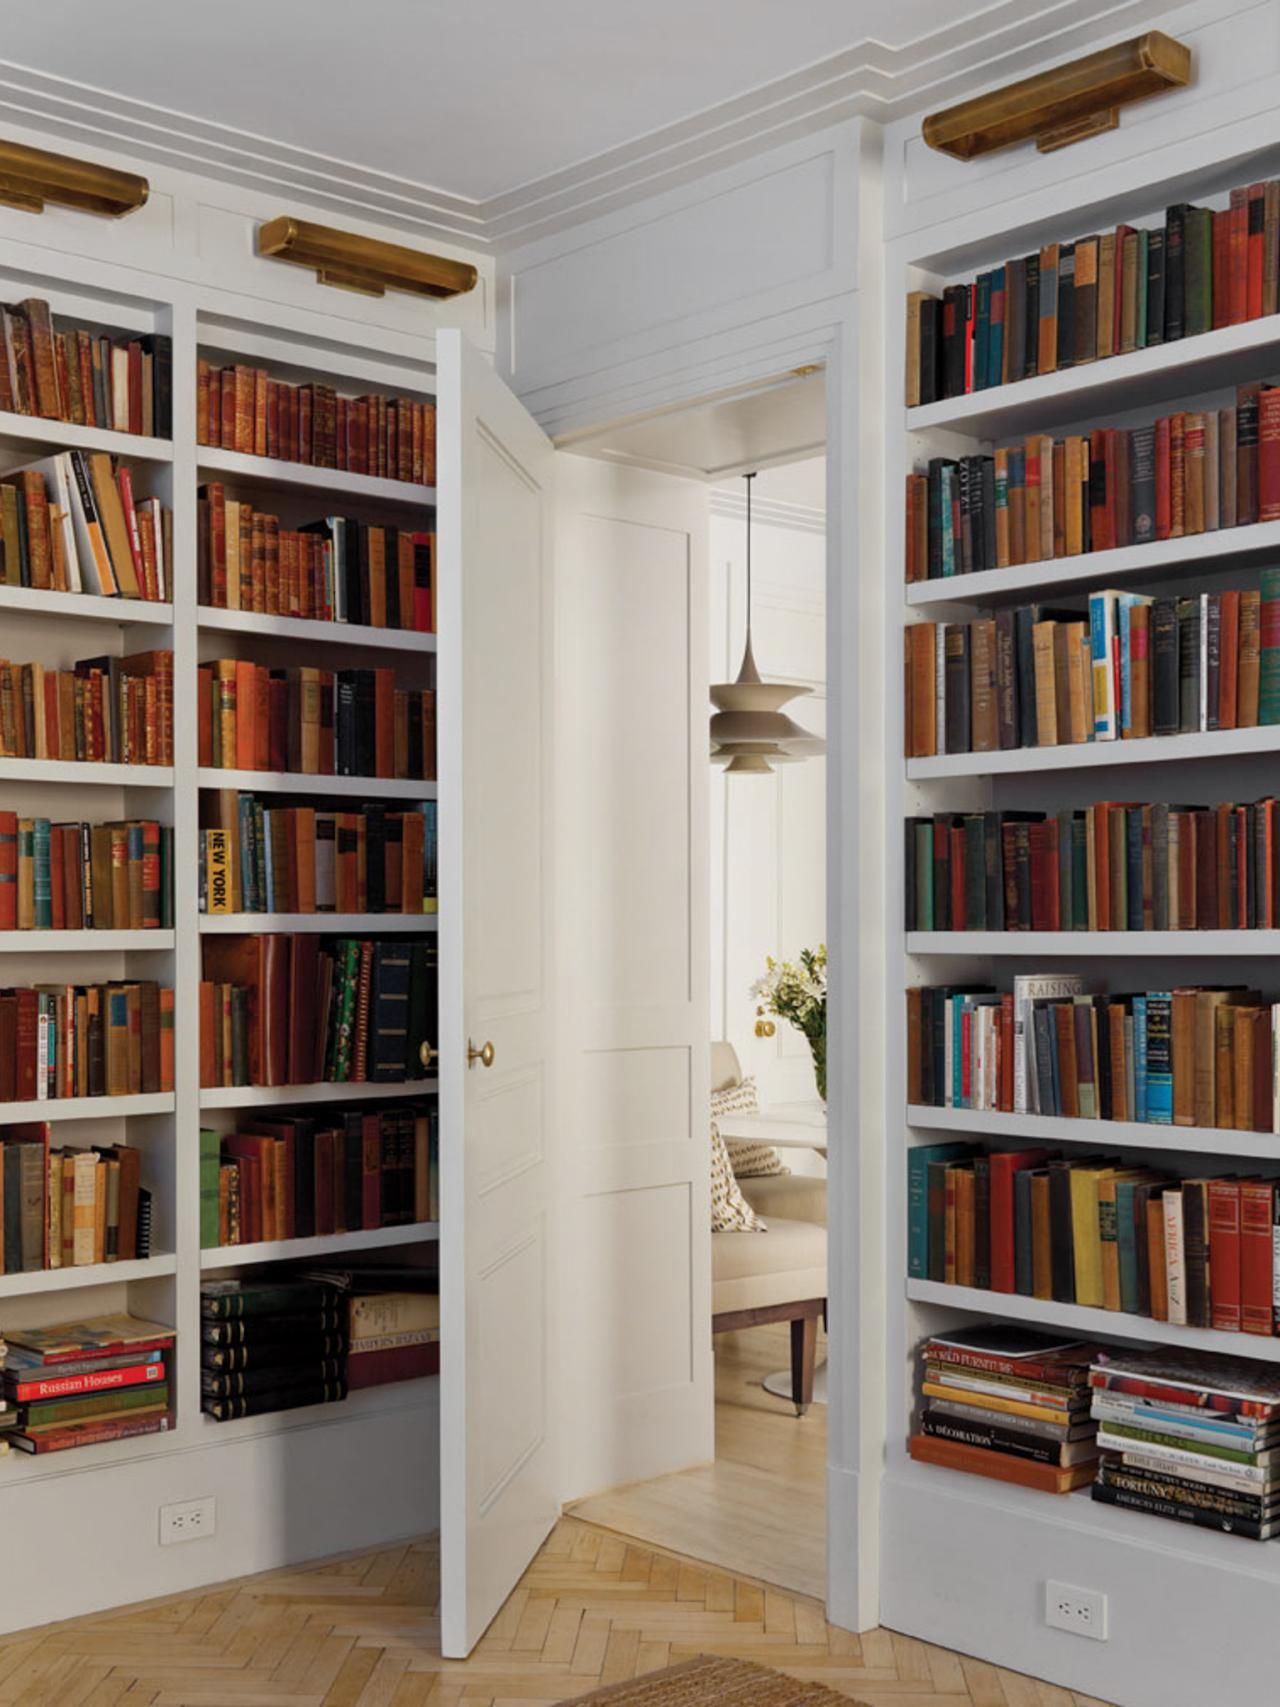 Built in Bookshelves Home Library